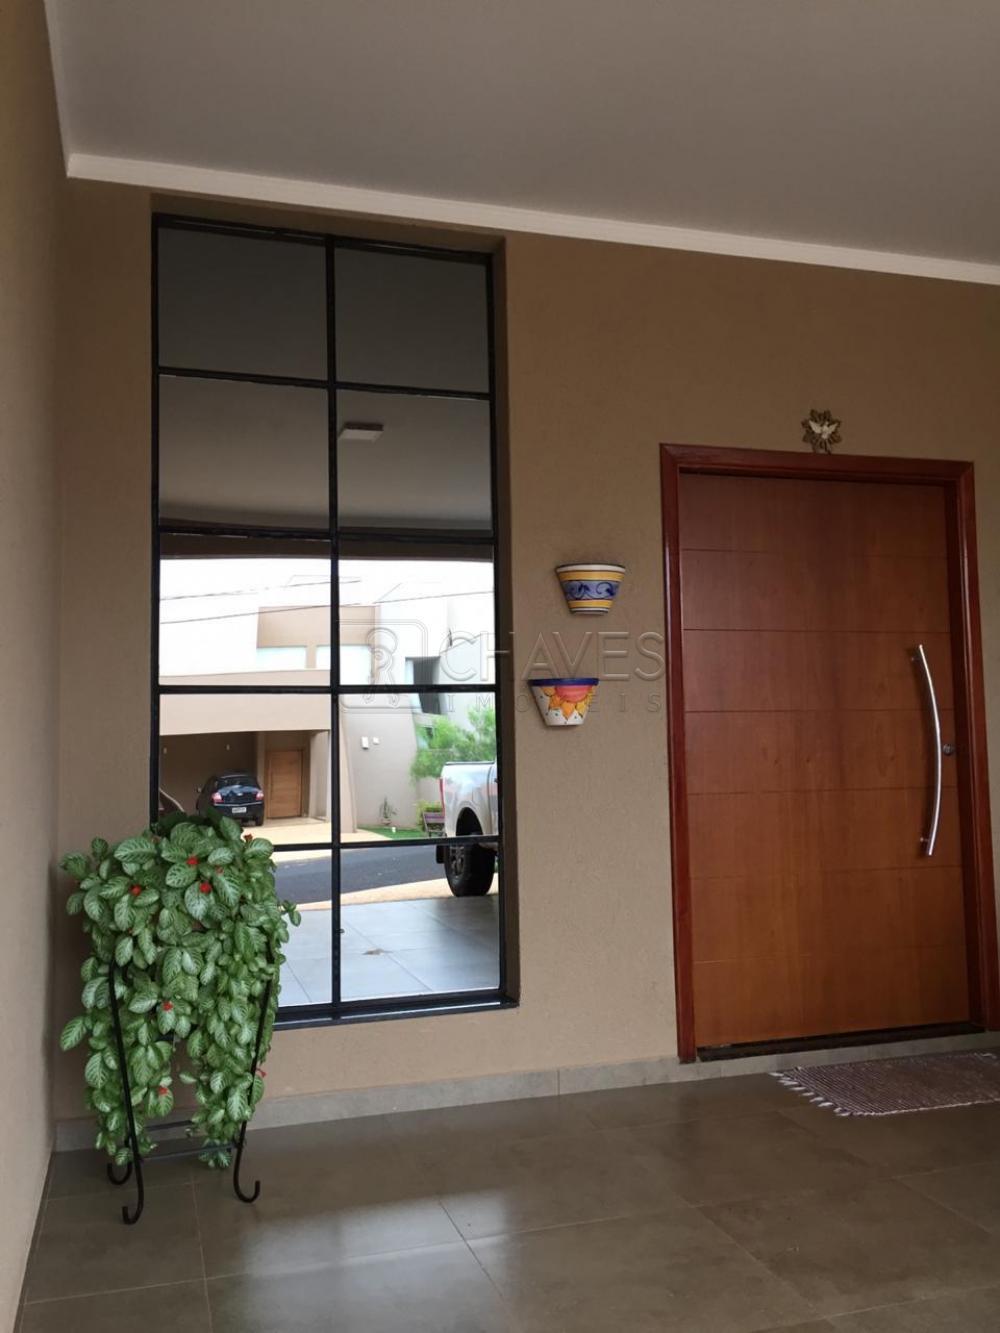 Comprar Casa / Condomínio em Bonfim Paulista apenas R$ 900.000,00 - Foto 4